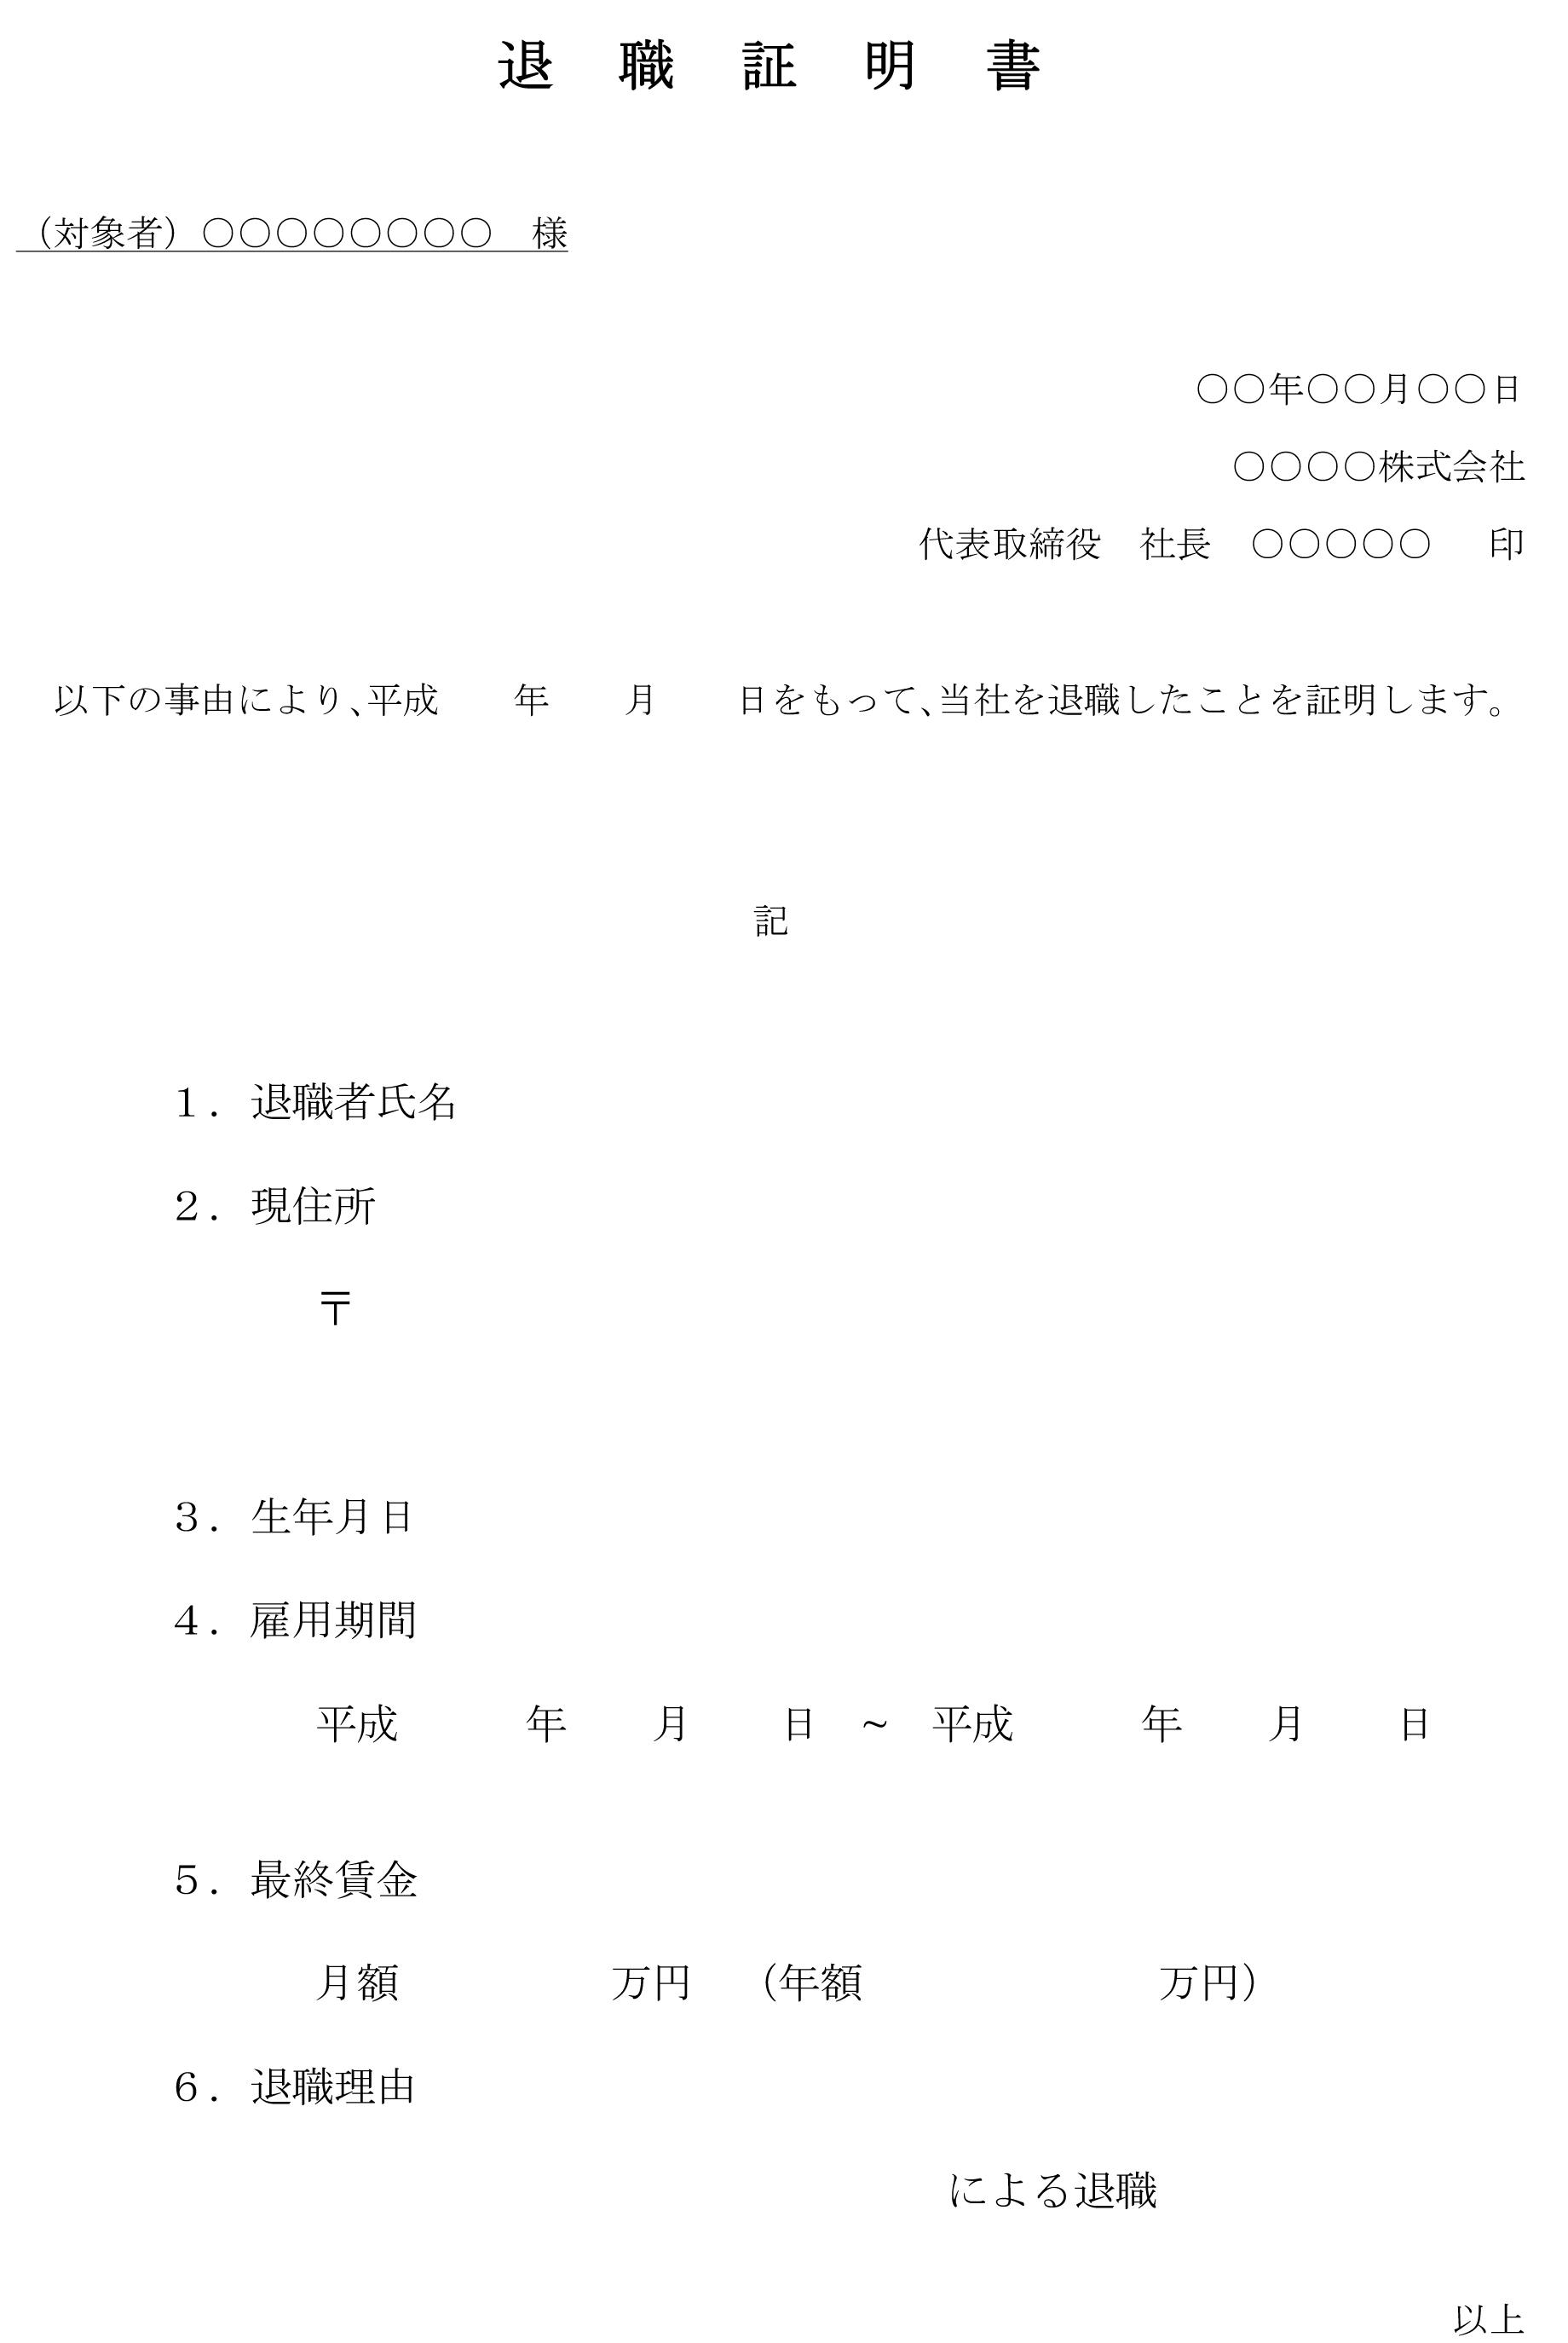 退職証明書12